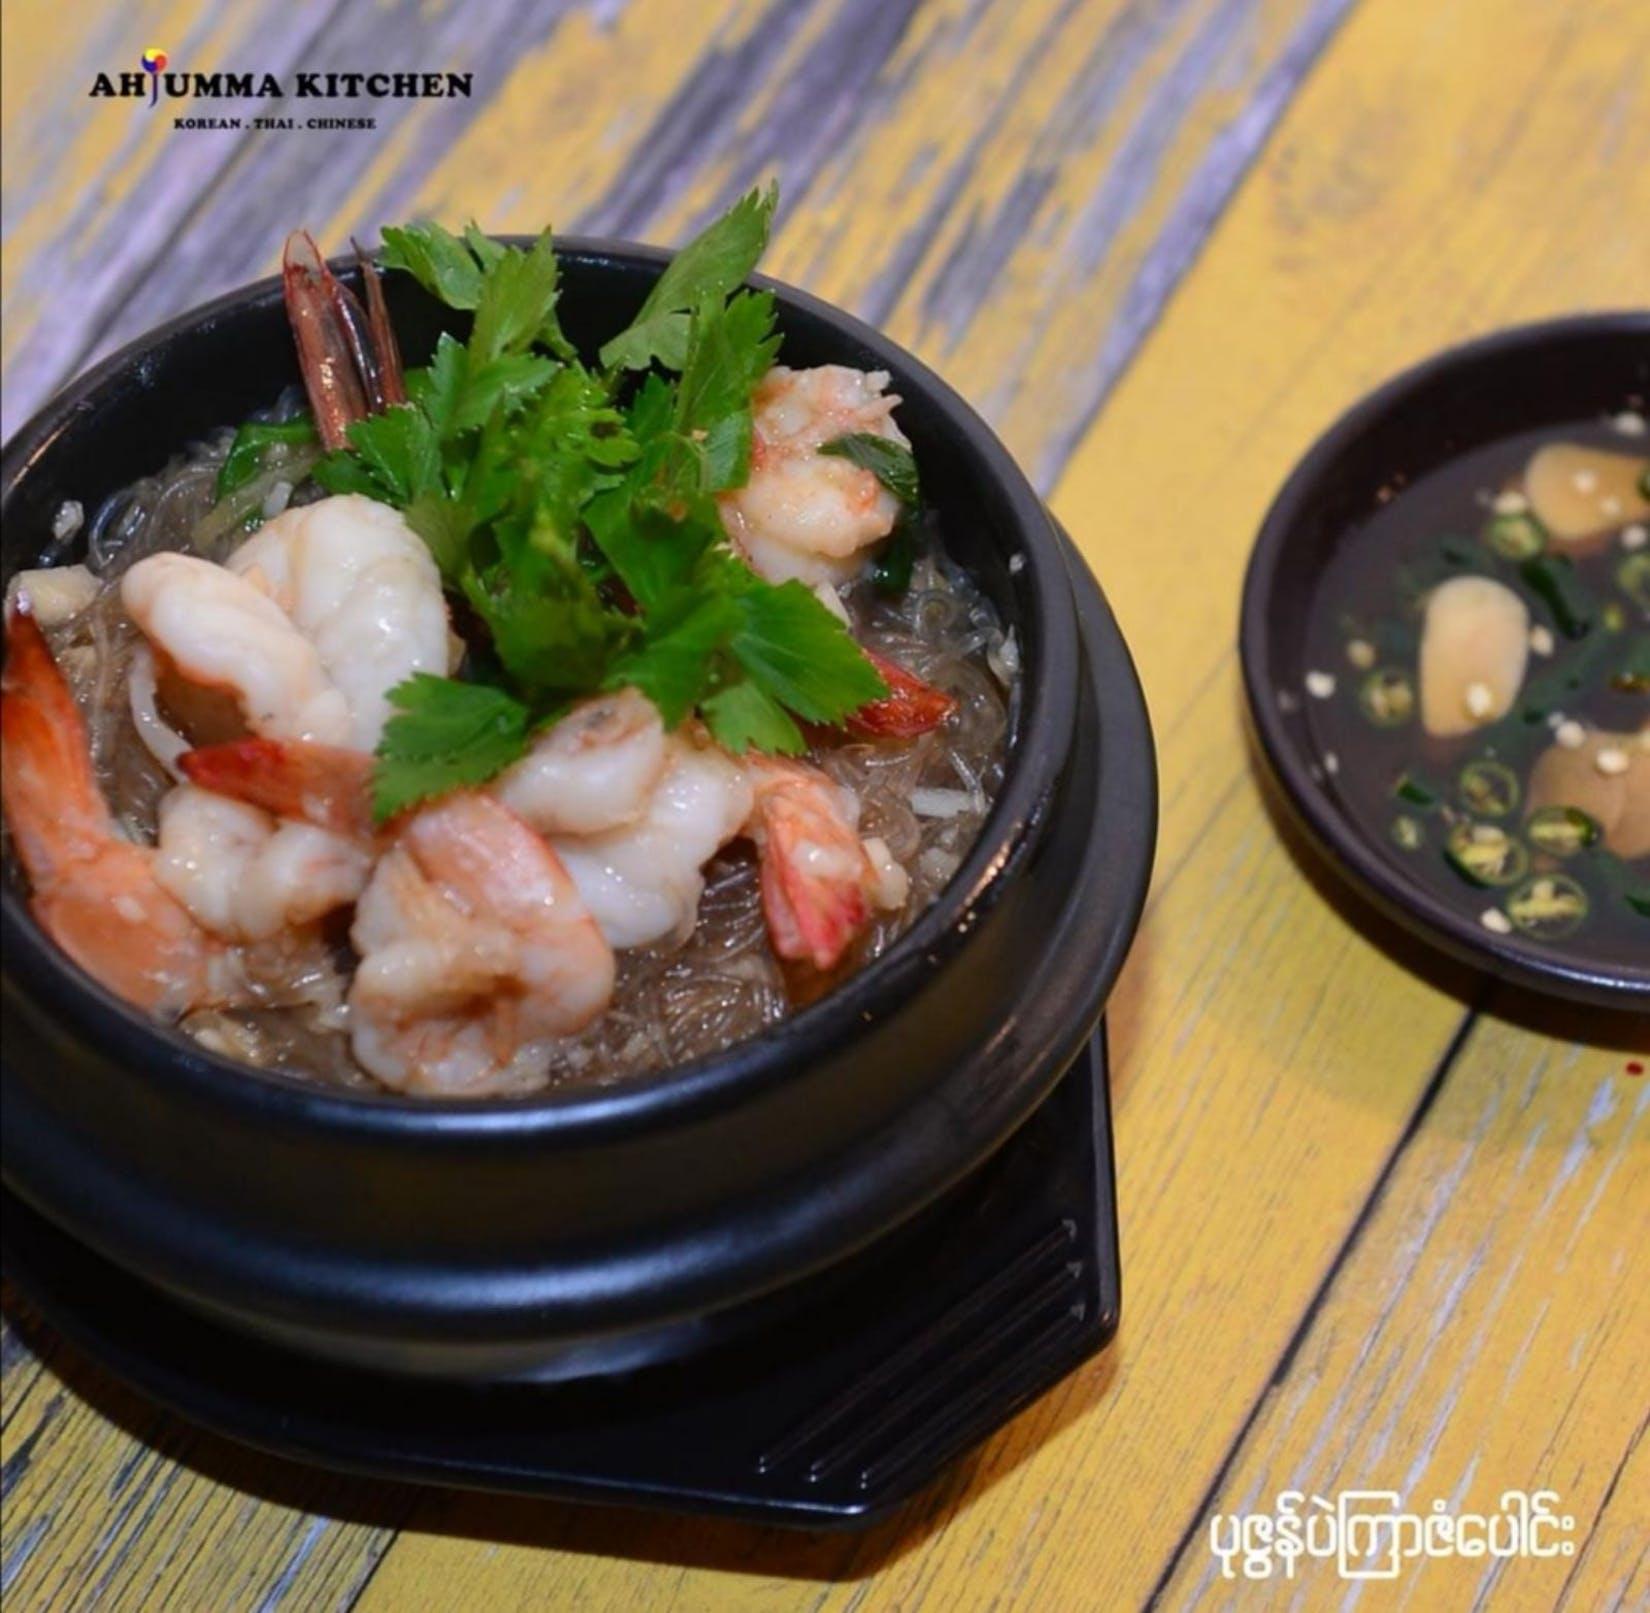 Ahjumma Kitchen | yathar